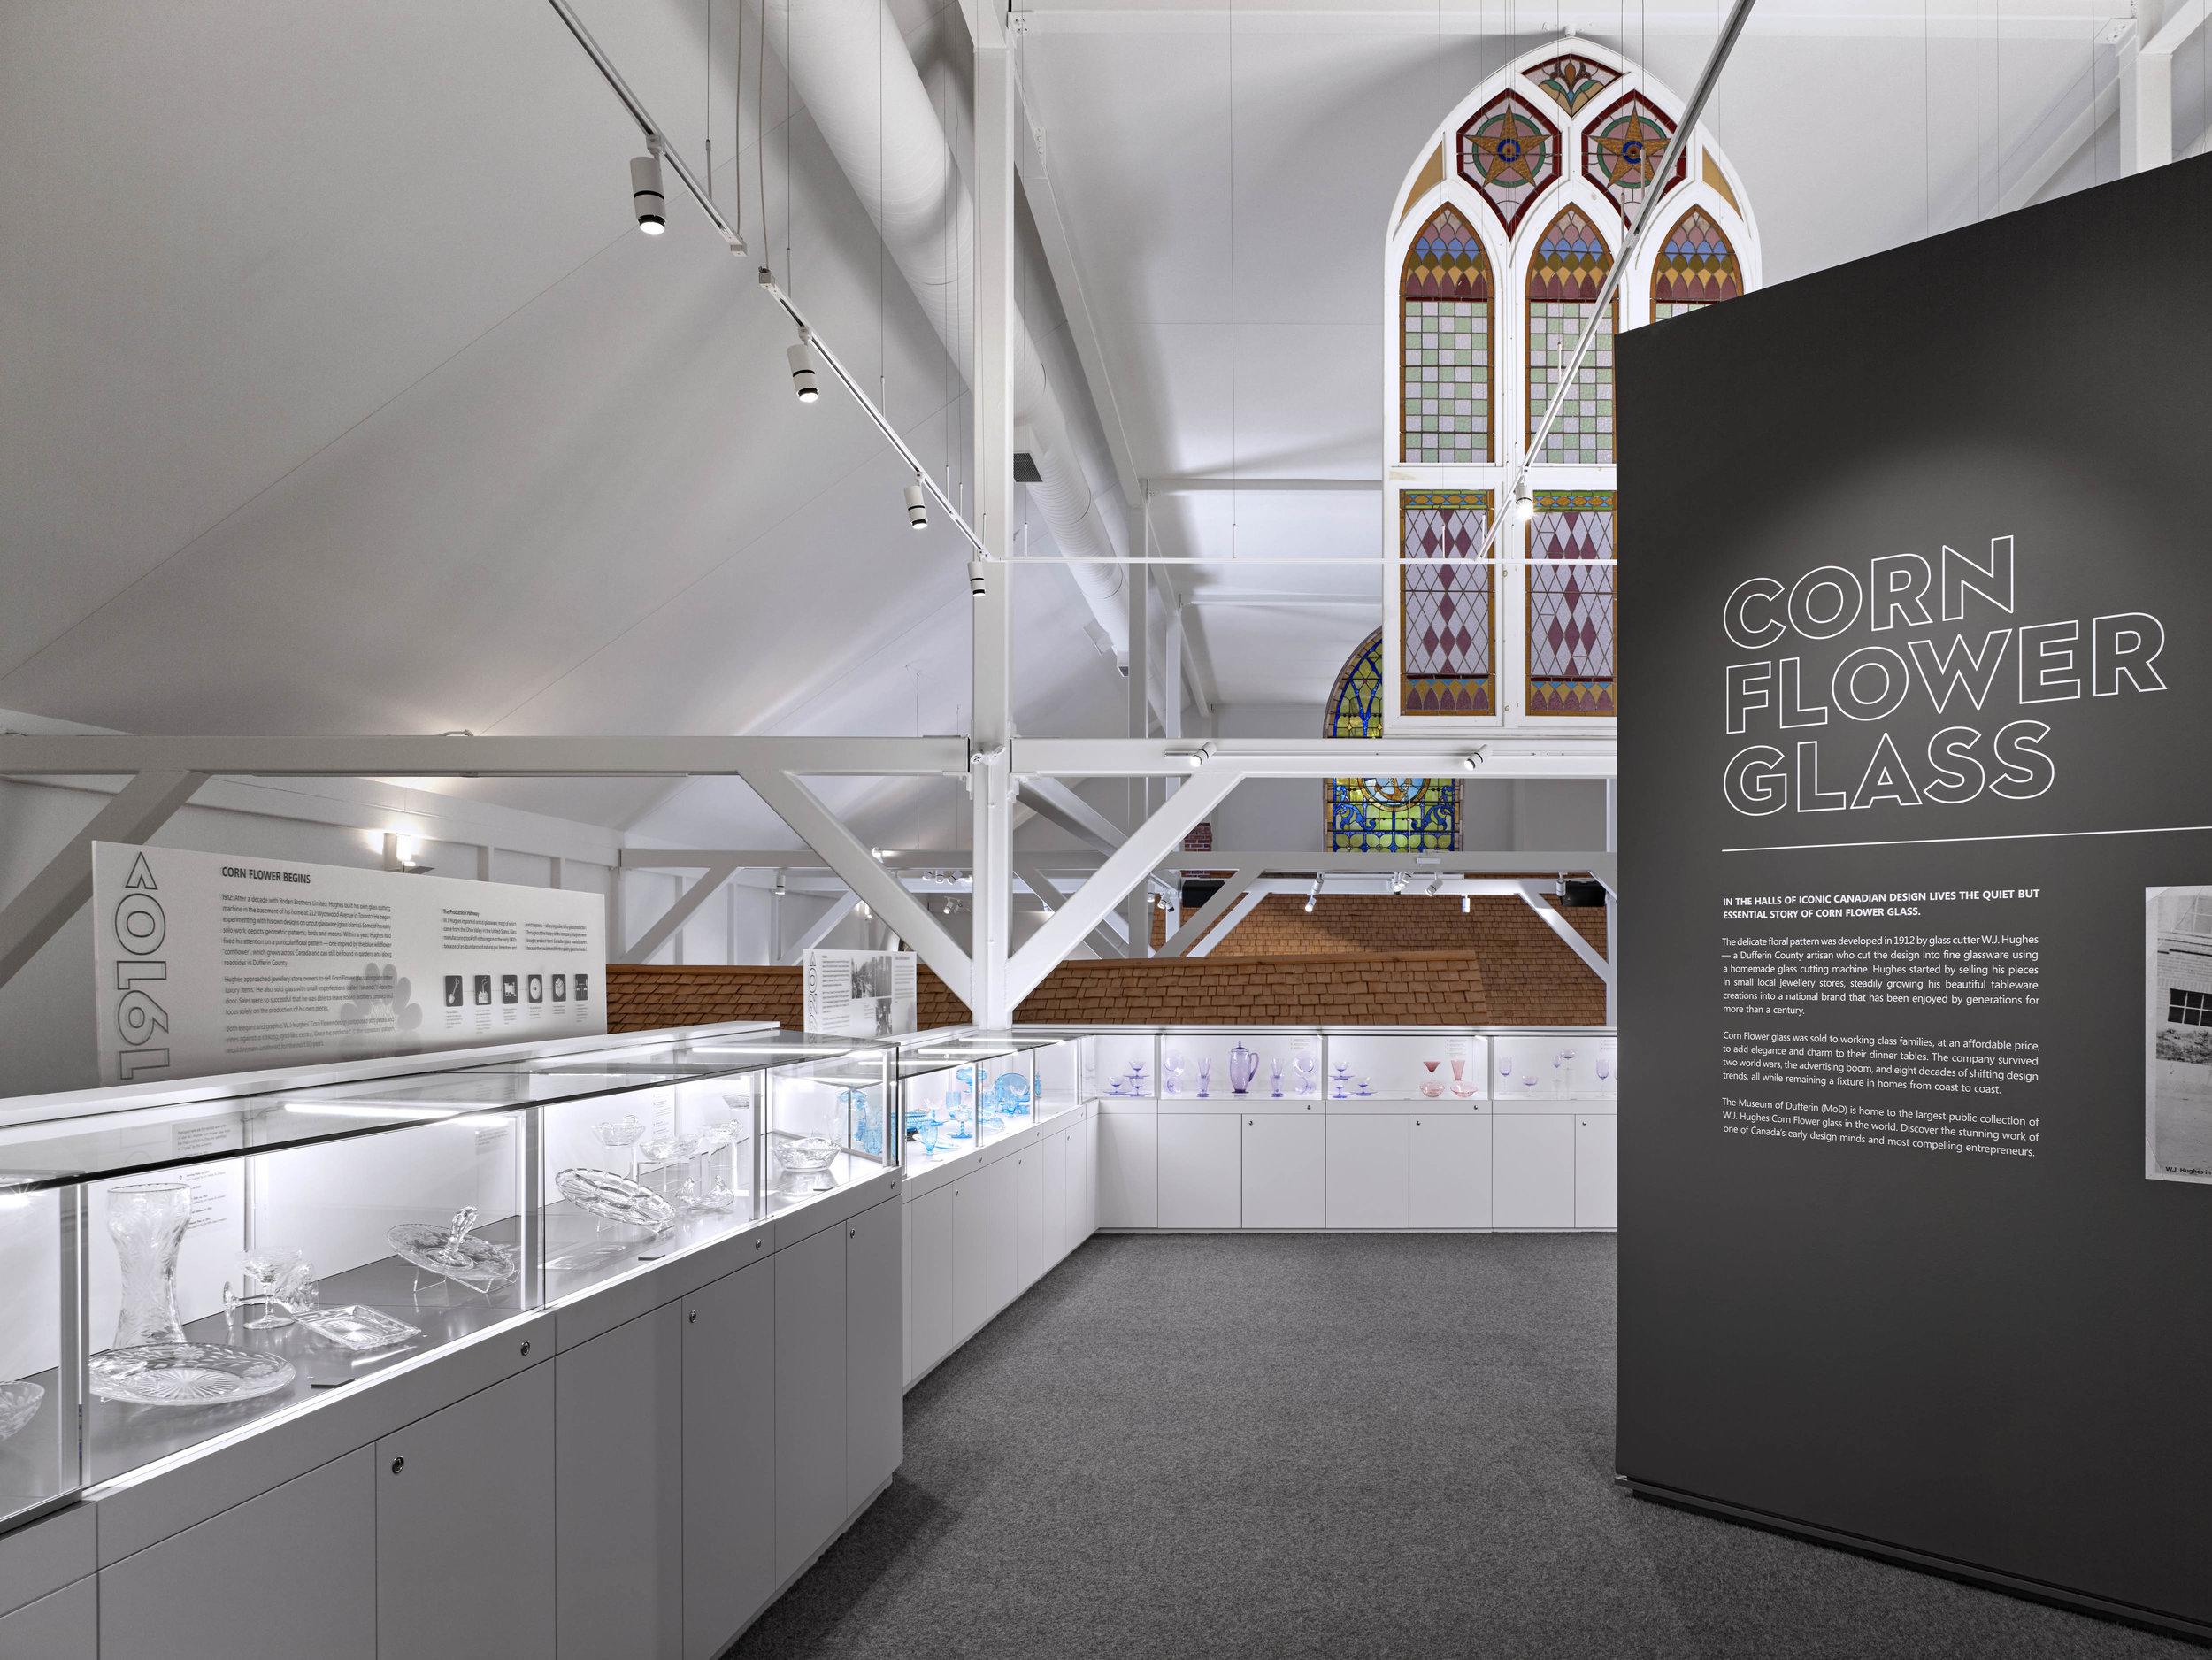 Museum of Dufferin - The New Cornflower Glass Gallery at the Museum of Dufferin is now open!